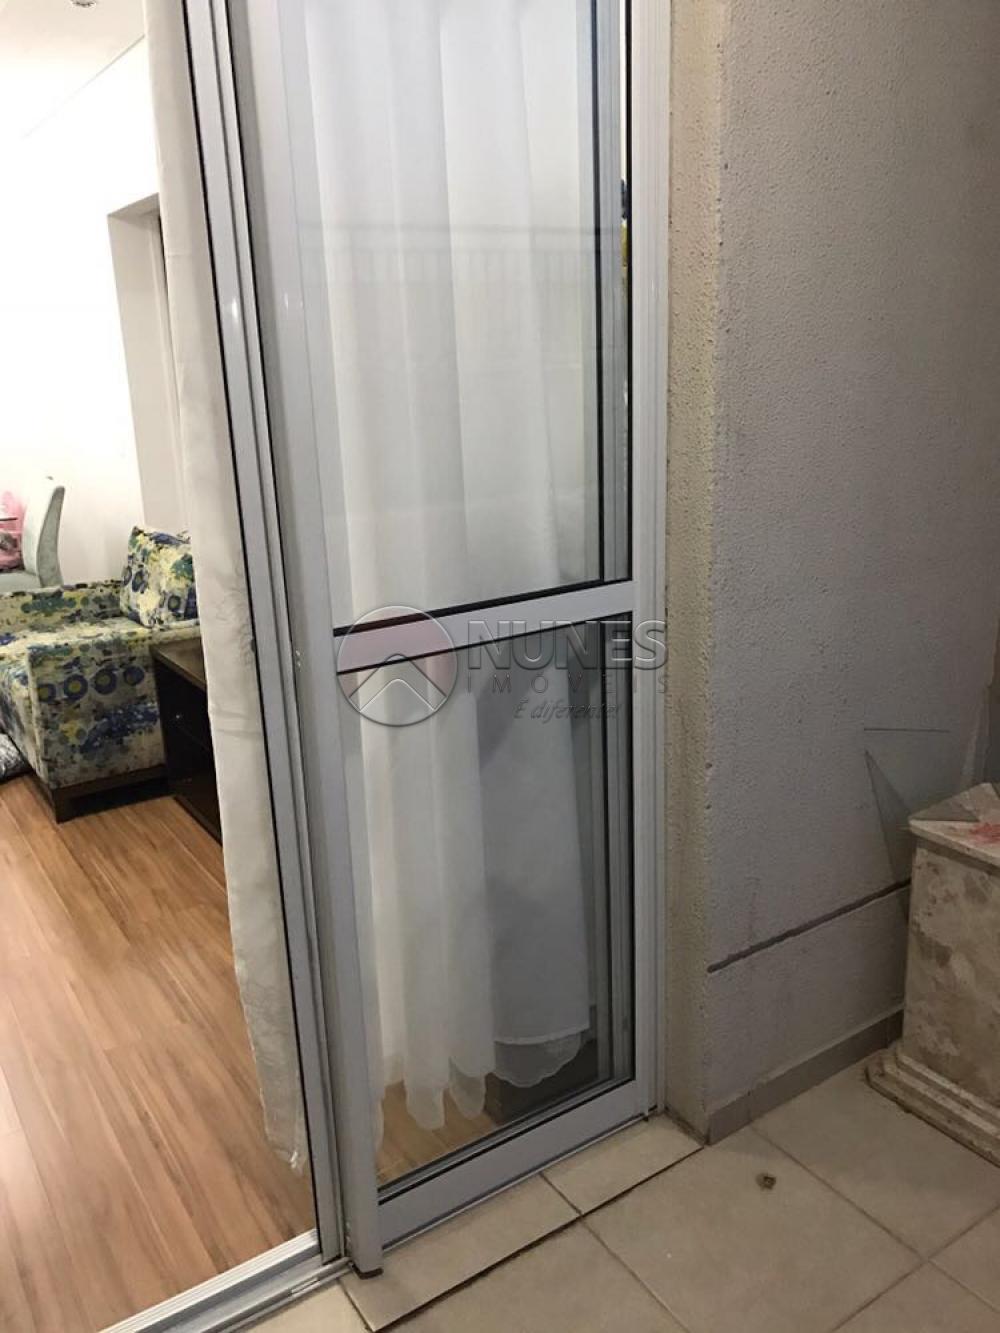 Comprar Apartamento / Padrão em Osasco apenas R$ 380.000,00 - Foto 7